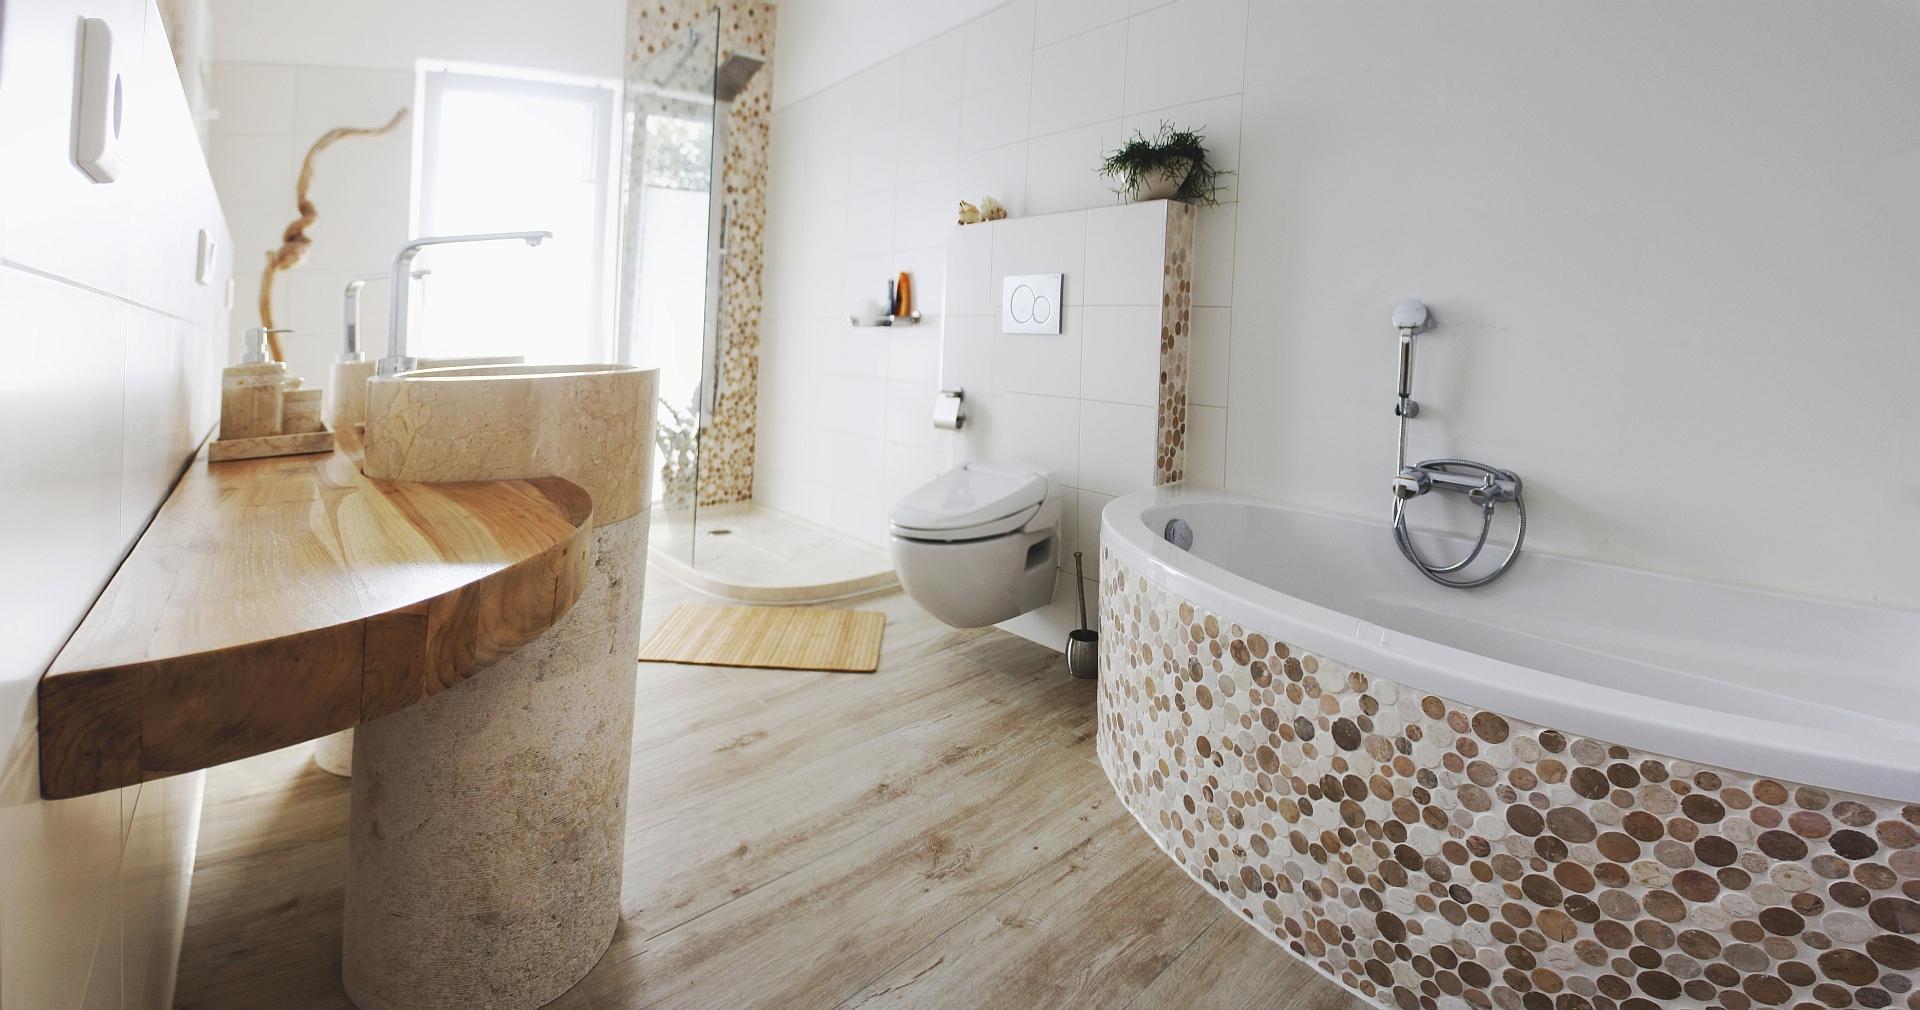 Badezimmer Mosaik: Kleines bad badewanne fliesen farben mosaik ...